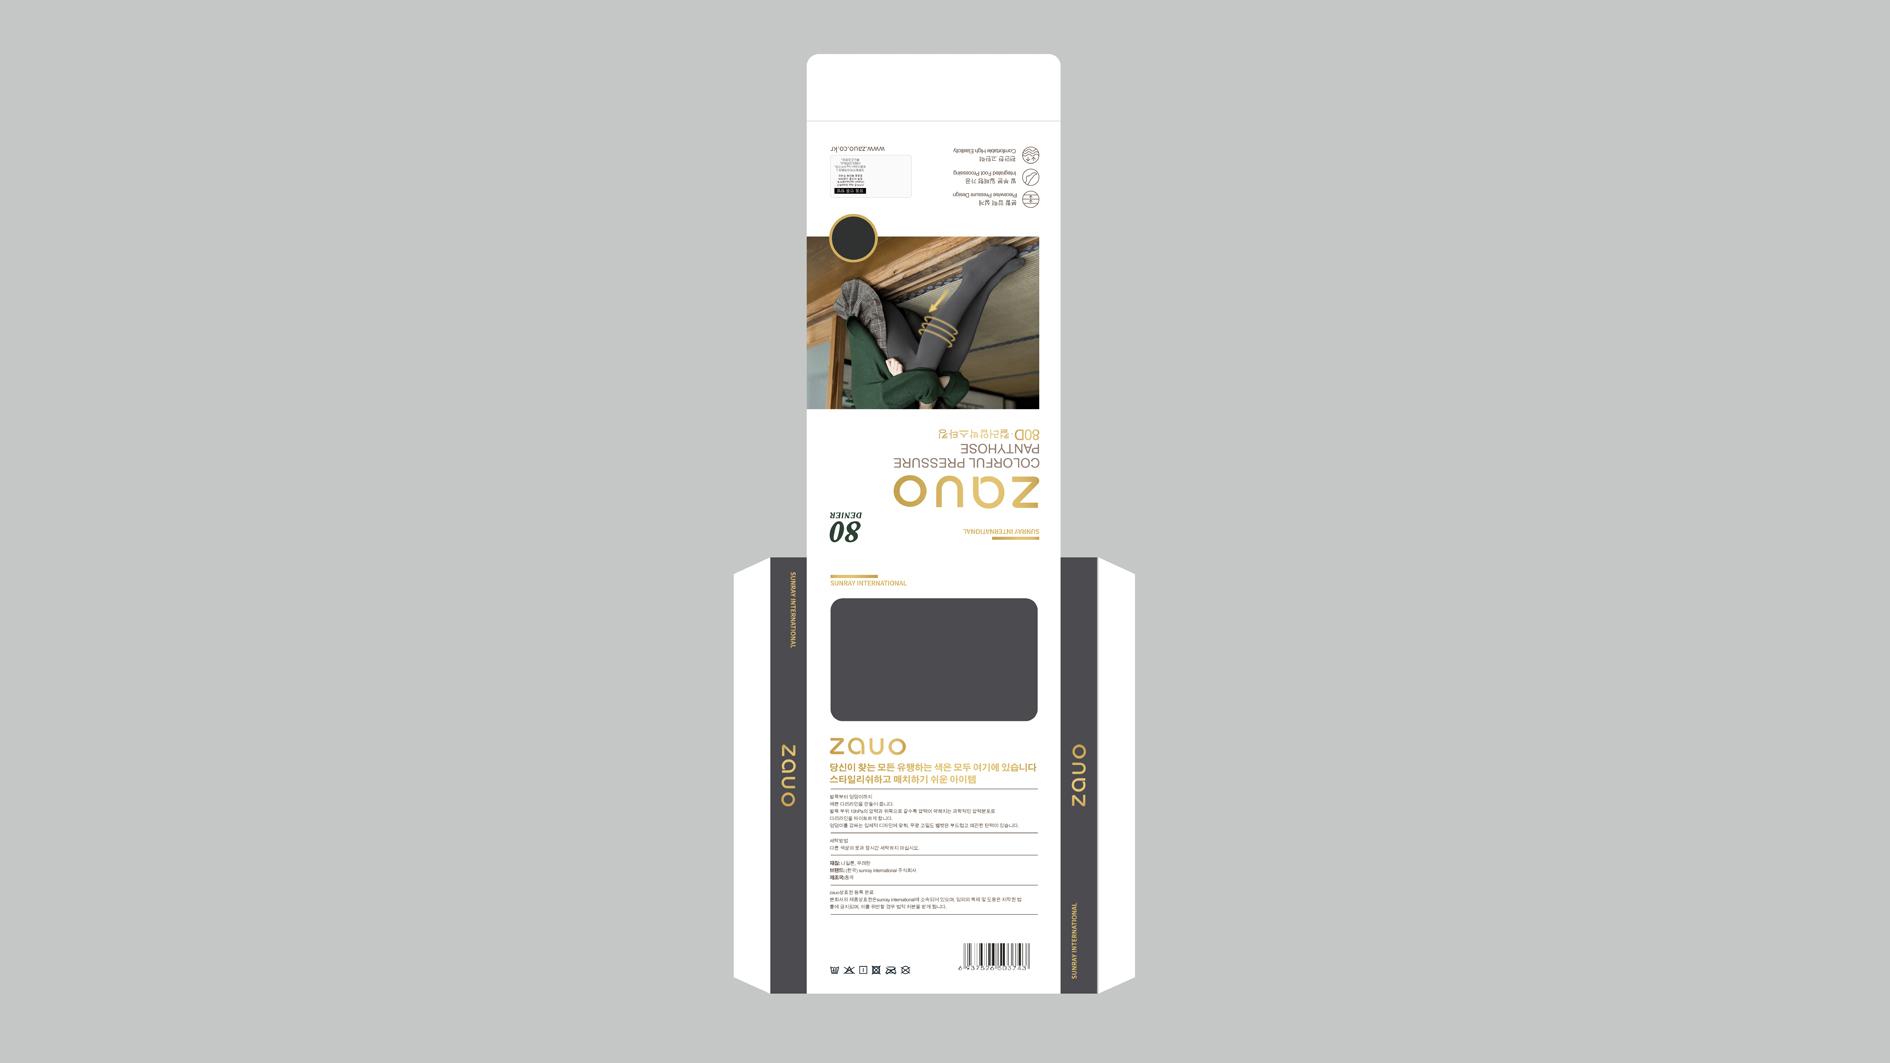 zauo瘦腿袜品牌包装设计